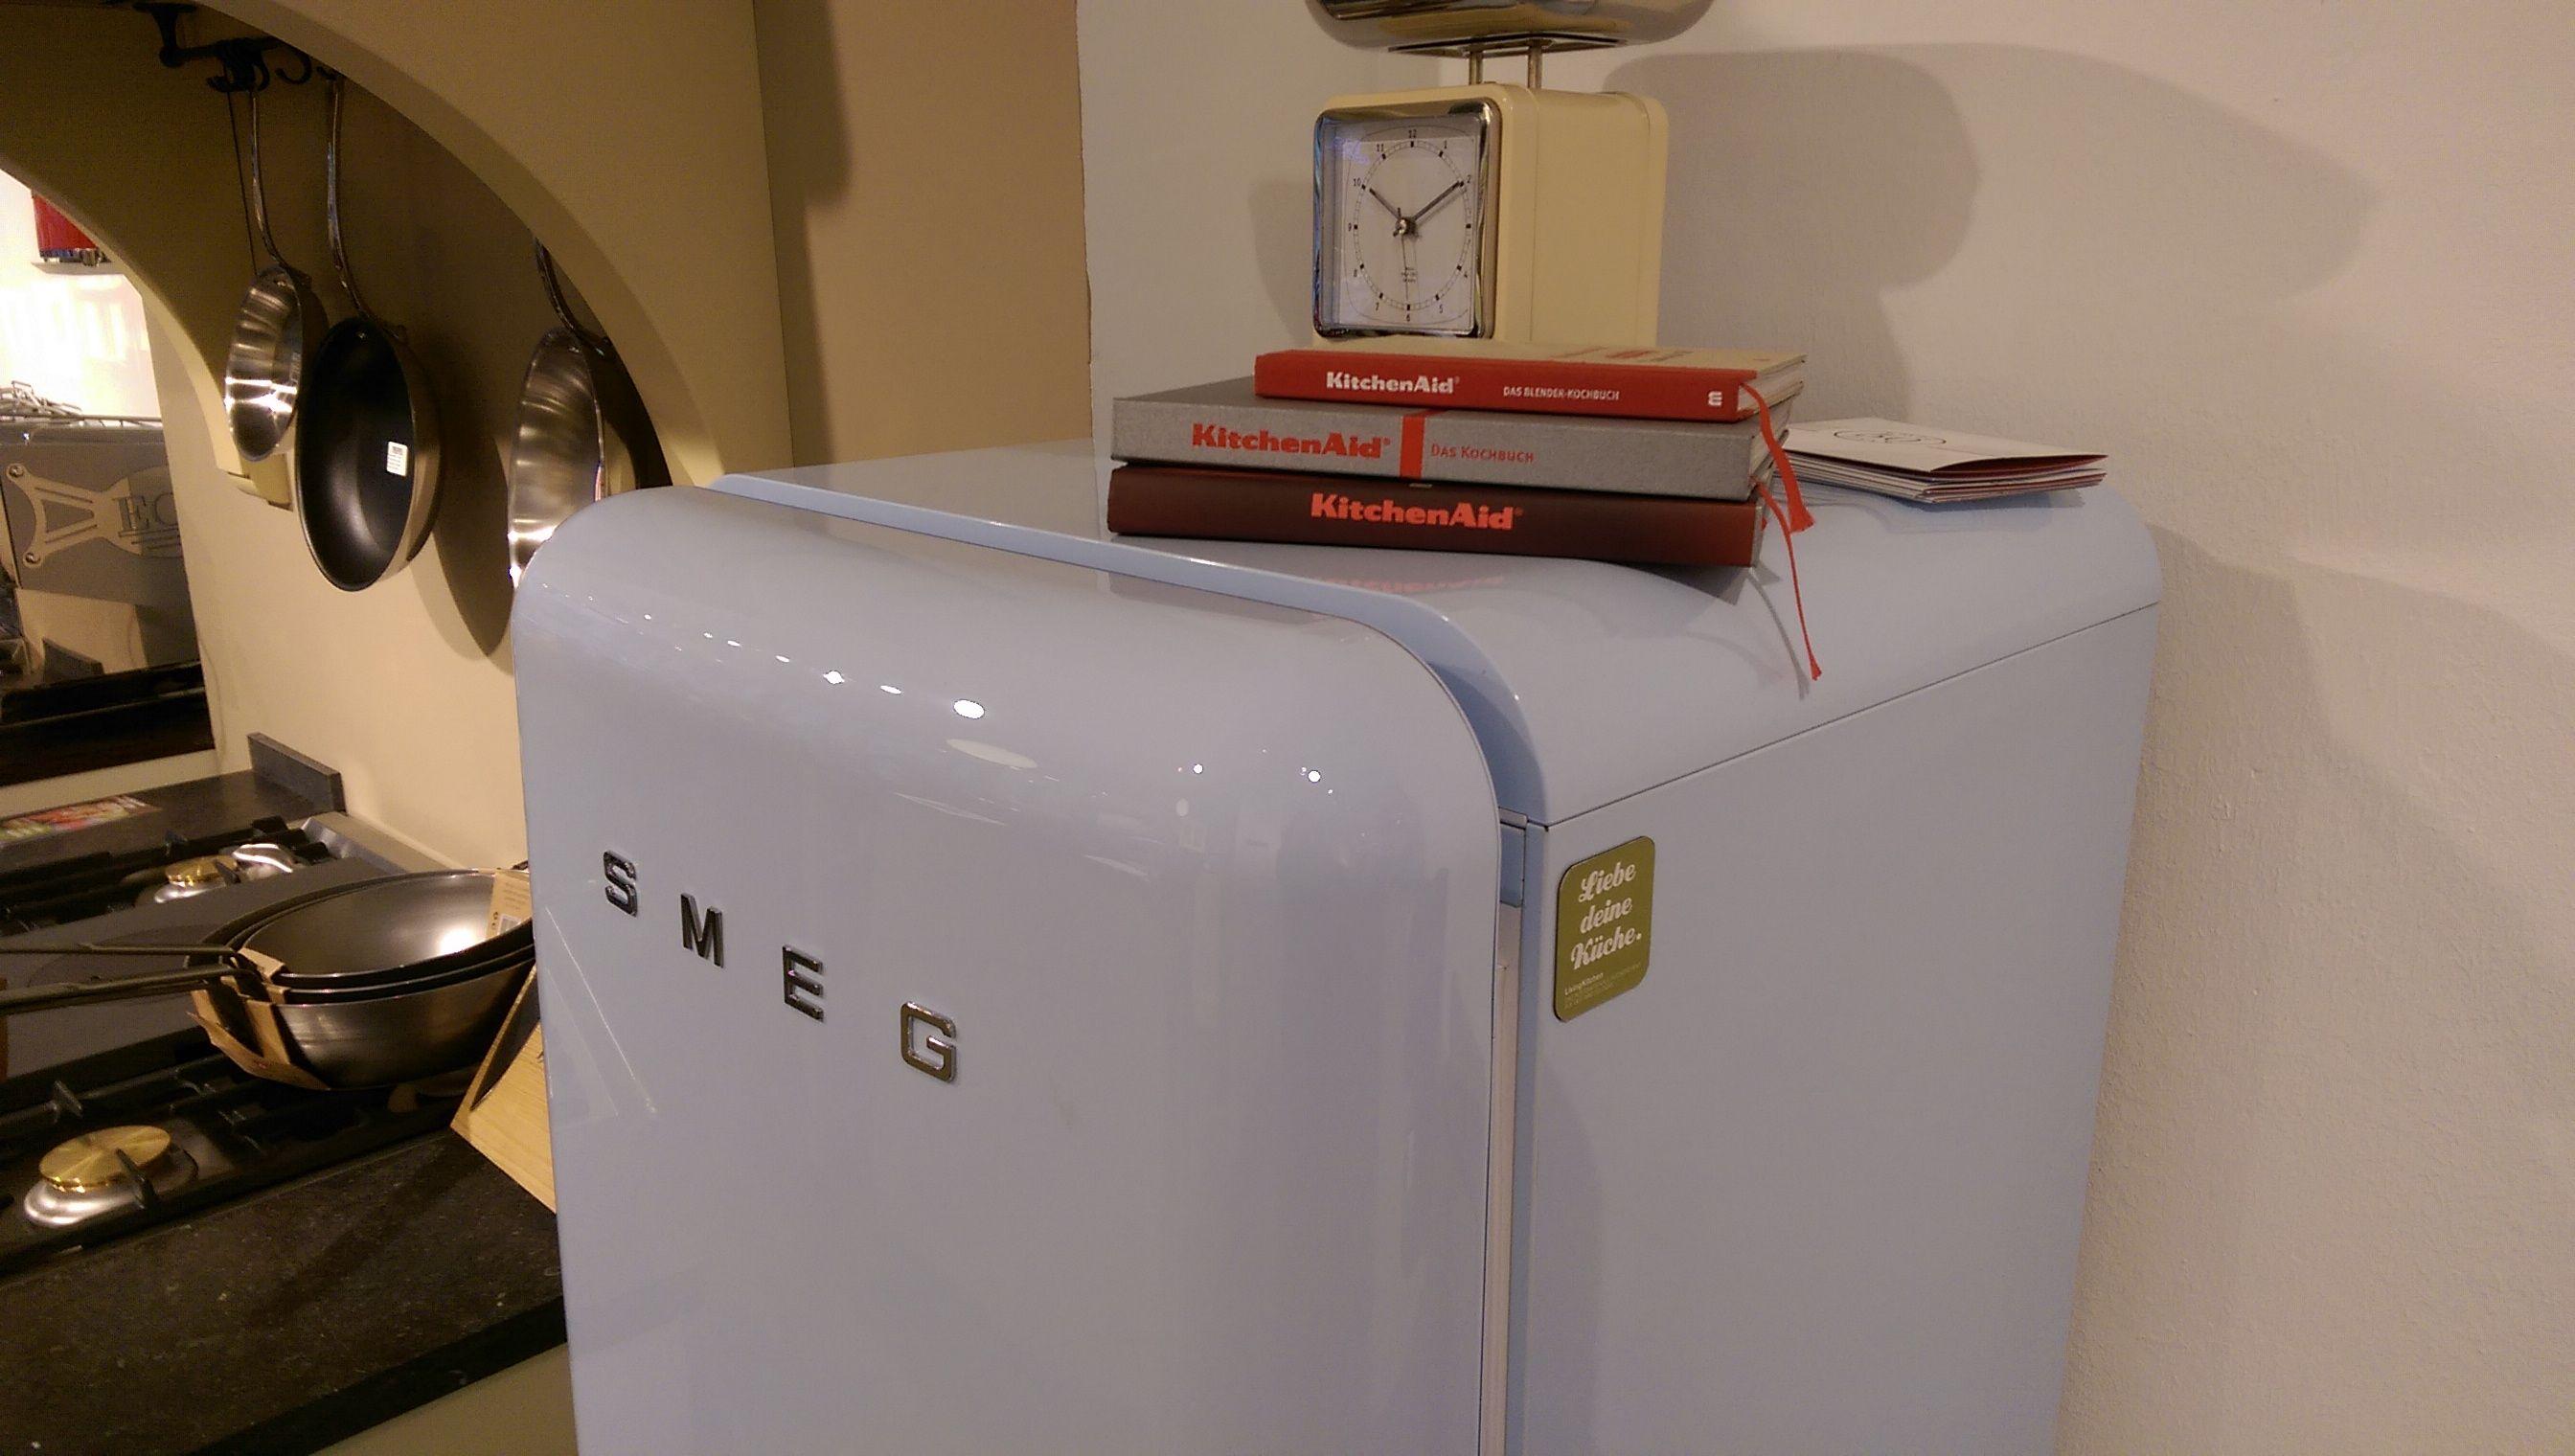 Nett Smeg Kühlschränke Ideen Die Kinderzimmer Design Ideen